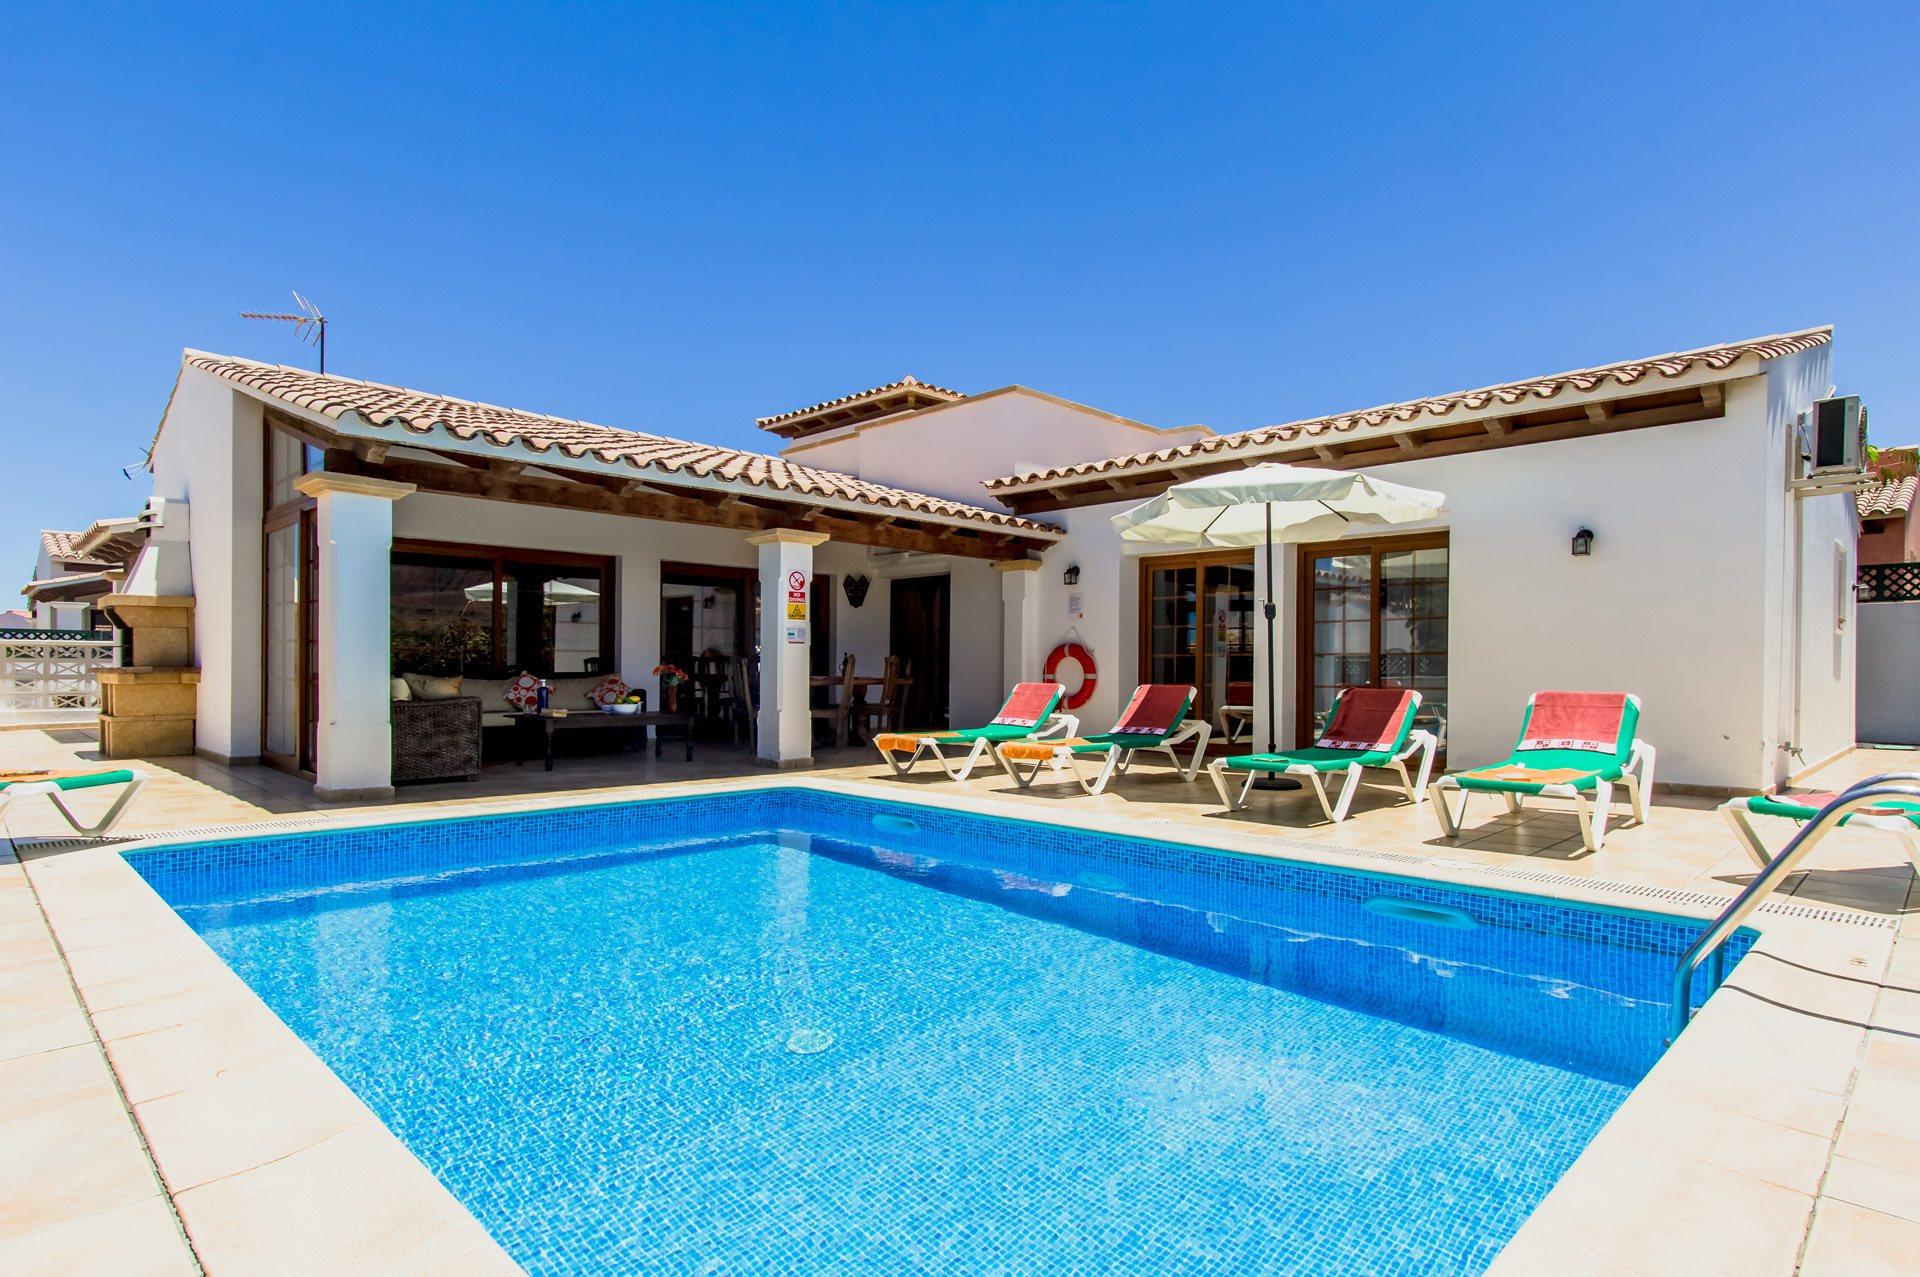 Villa Jardin Canario, Corralejo, Fuerteventura